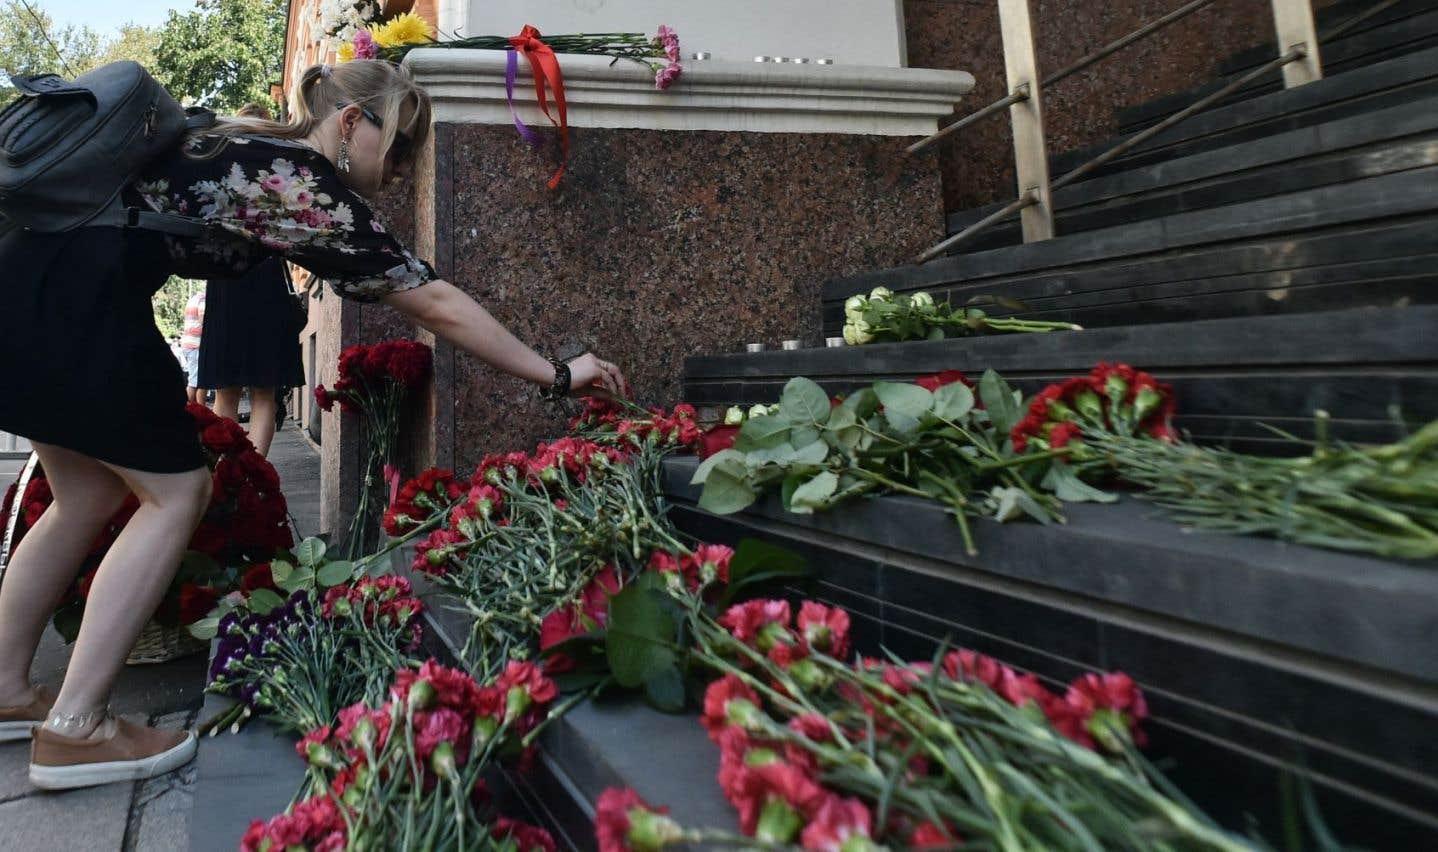 Une attaque au couteau revendiquée par le groupe EI fait 7 blessés en Russie